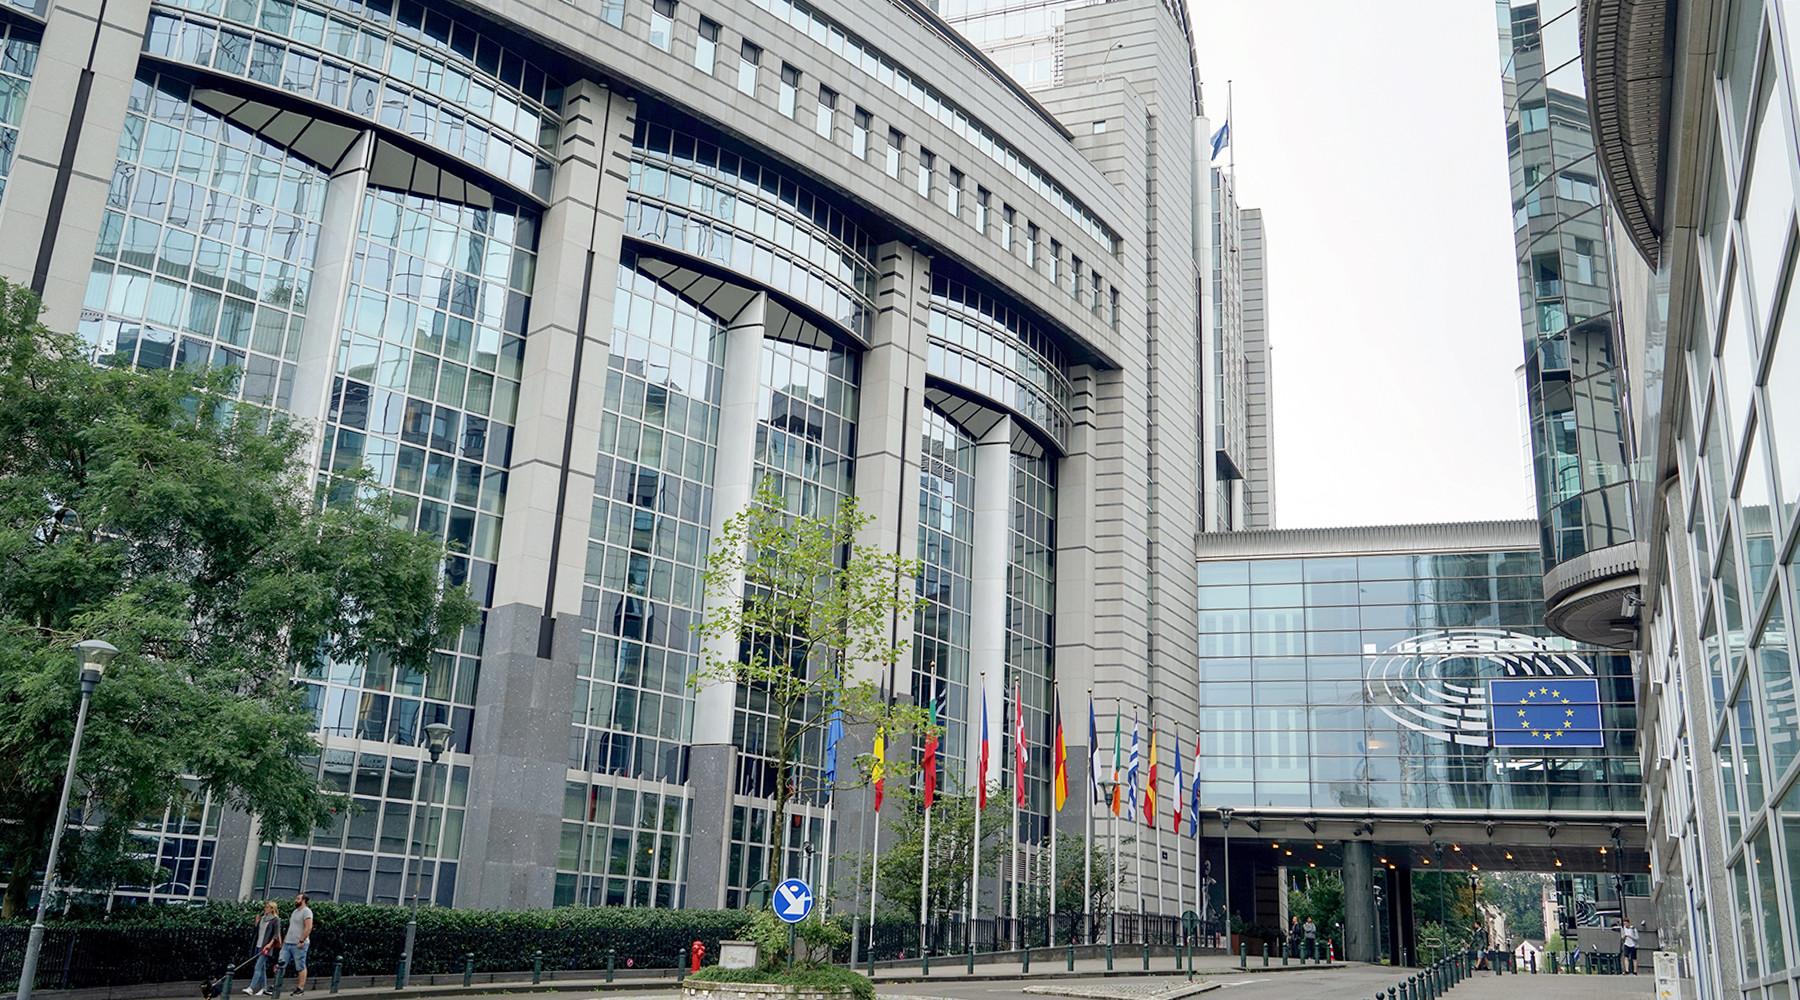 Евросоюз предложил реиндустрилизацию и восстановление Донбасса в обмен на перемирие